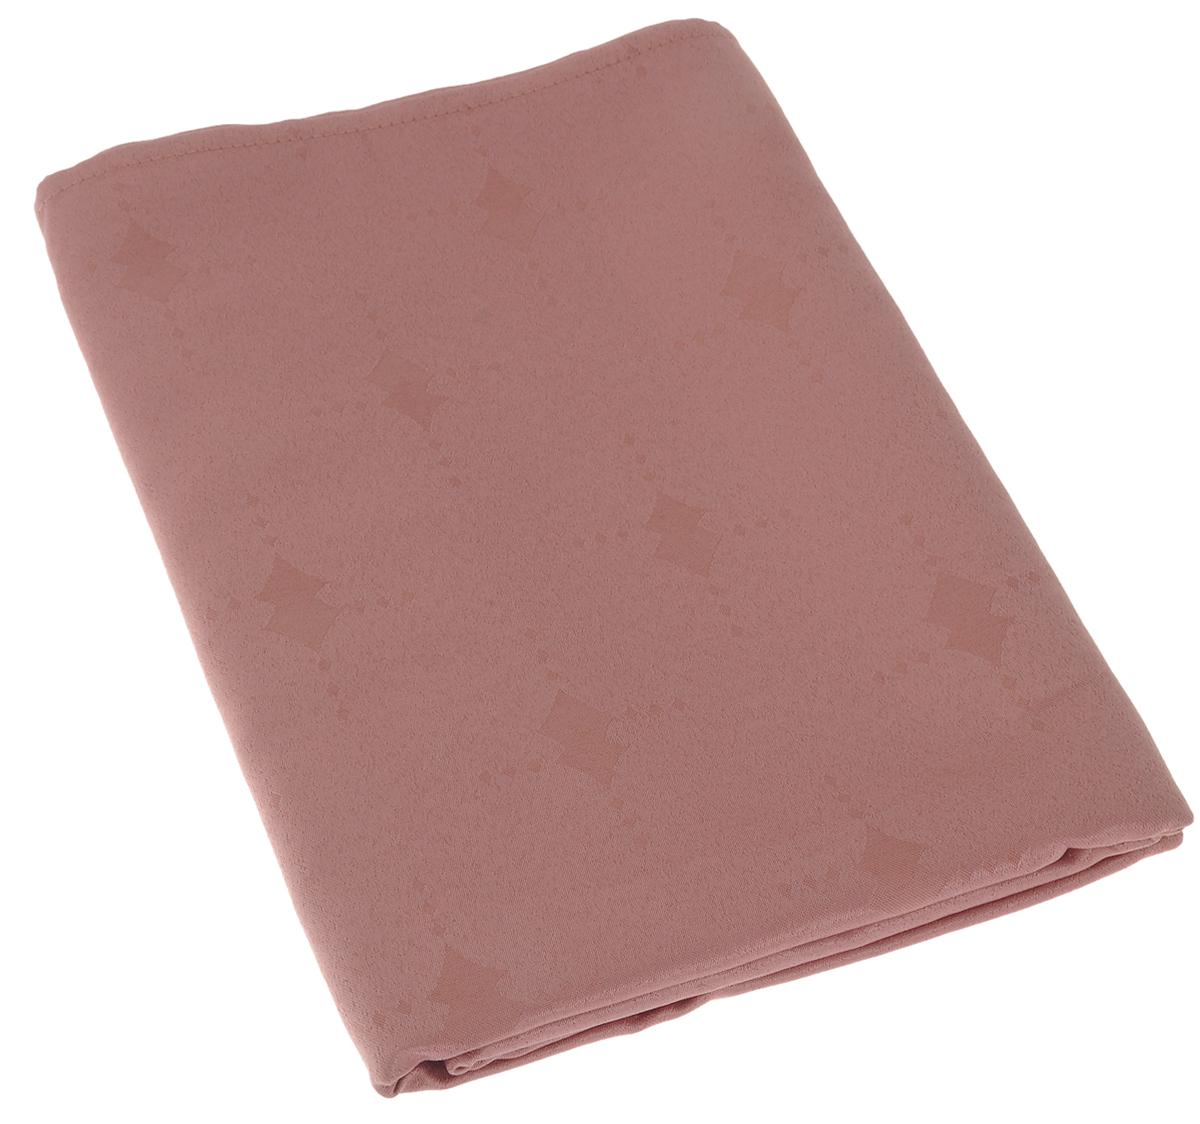 Скатерть Schaefer, прямоугольная, цвет: пепельно-розовый, 160 х 220 см. 07508-4081004900000360Изящная прямоугольная скатерть Schaefer, выполненная из плотного полиэстера, станет украшением кухонного стола. Изделие декорировано красивым узором в виде ромбов.За текстилем из полиэстера очень легко ухаживать: он не мнется, не садится и быстро сохнет, легко стирается, более долговечен, чем текстиль из натуральных волокон.Использование такой скатерти сделает застолье торжественным, поднимет настроение гостей и приятно удивит их вашим изысканным вкусом. Также вы можете использовать эту скатерть для повседневной трапезы, превратив каждый прием пищи в волшебный праздник и веселье. Это текстильное изделие станет изысканным украшением вашего дома!